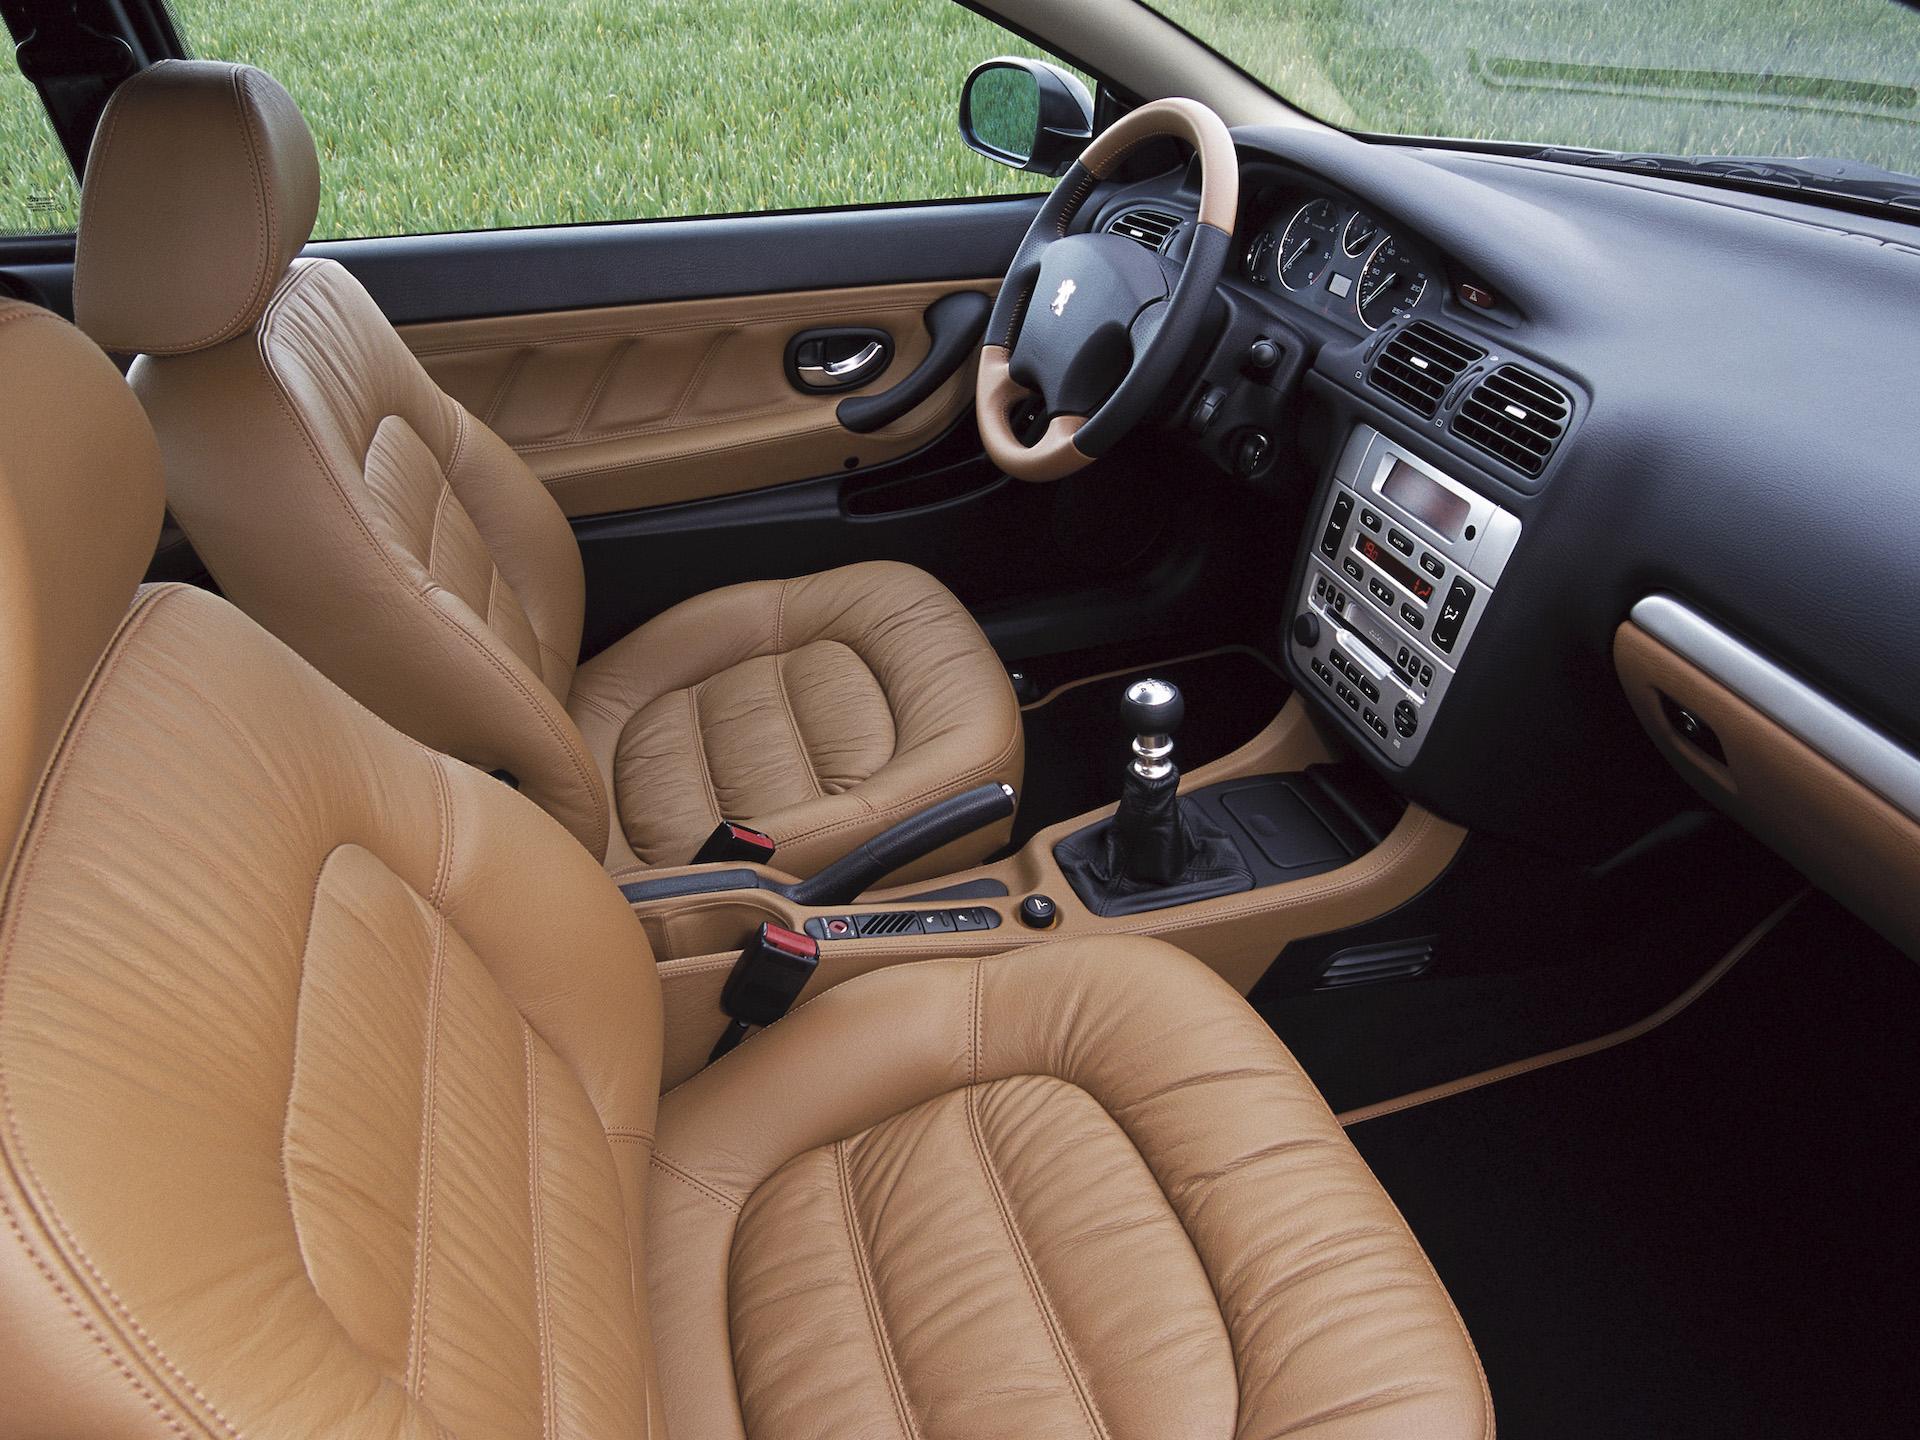 Peugeot 406 coupé habitáculo